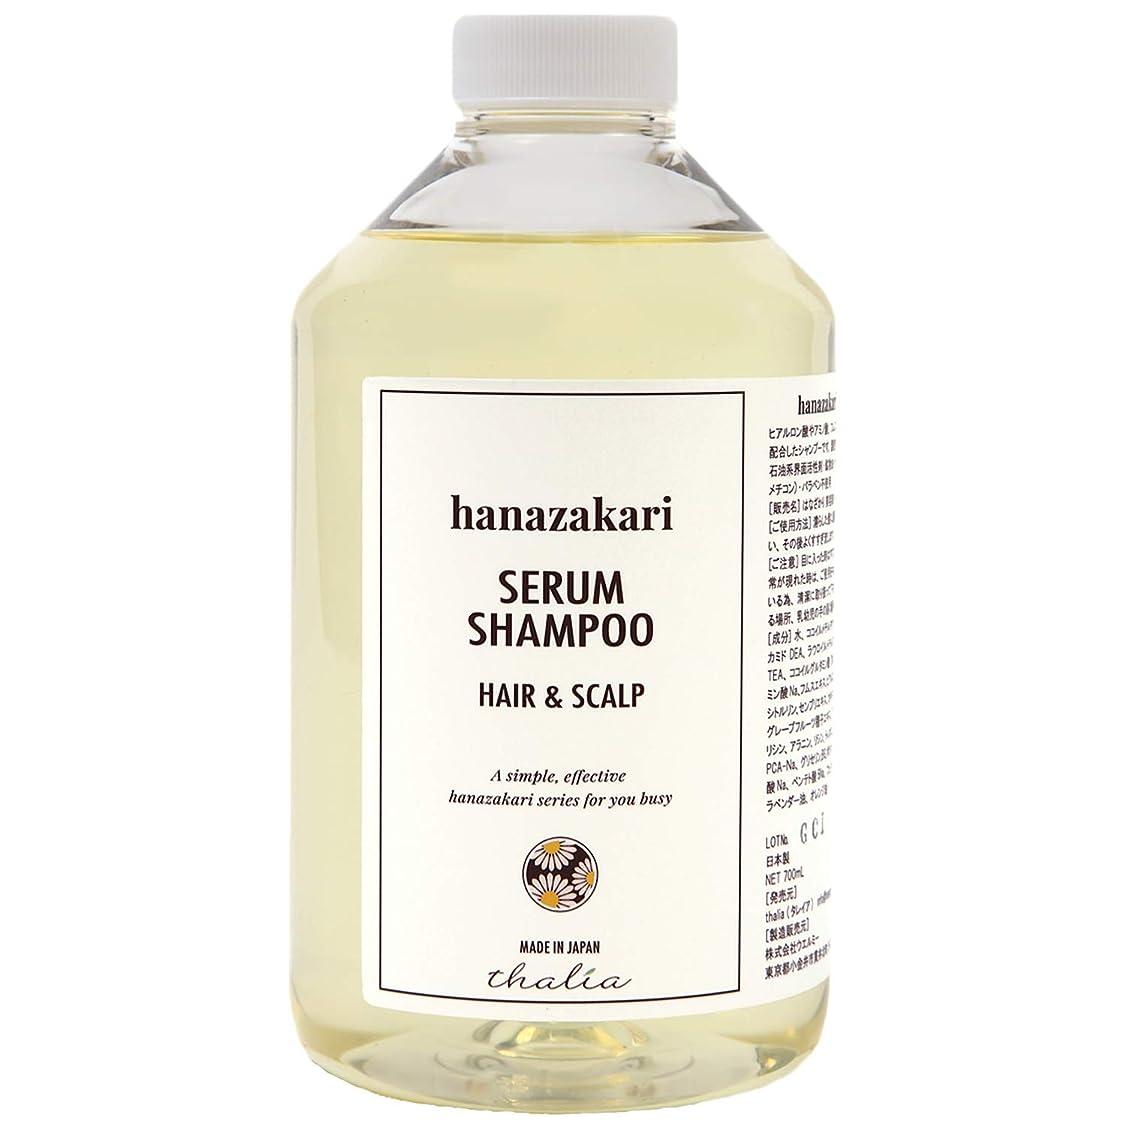 ユーザーささいなのthalia(タレイア) はなざかり美容液シャンプー700mL詰替えボトル